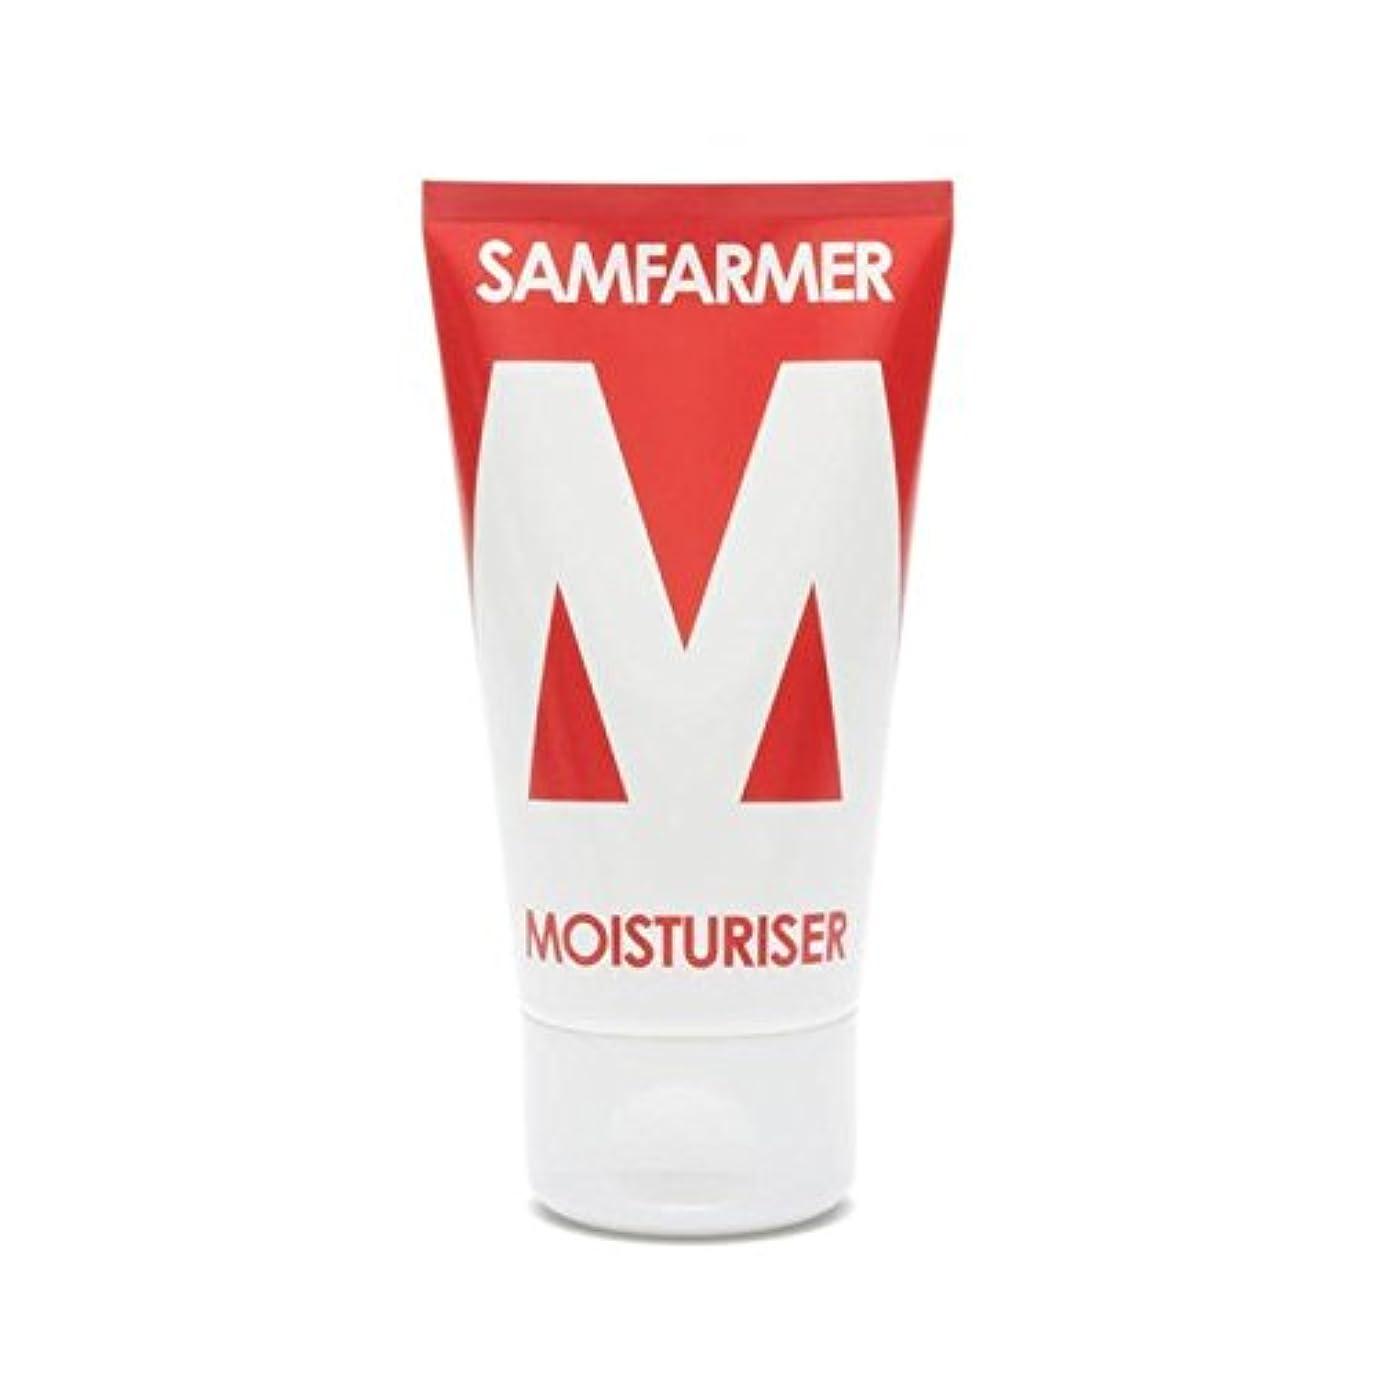 純粋なオデュッセウス狂ったユニセックス保湿50ミリリットル x2 - SAMFARMER Unisex Moisturiser 50ml (Pack of 2) [並行輸入品]